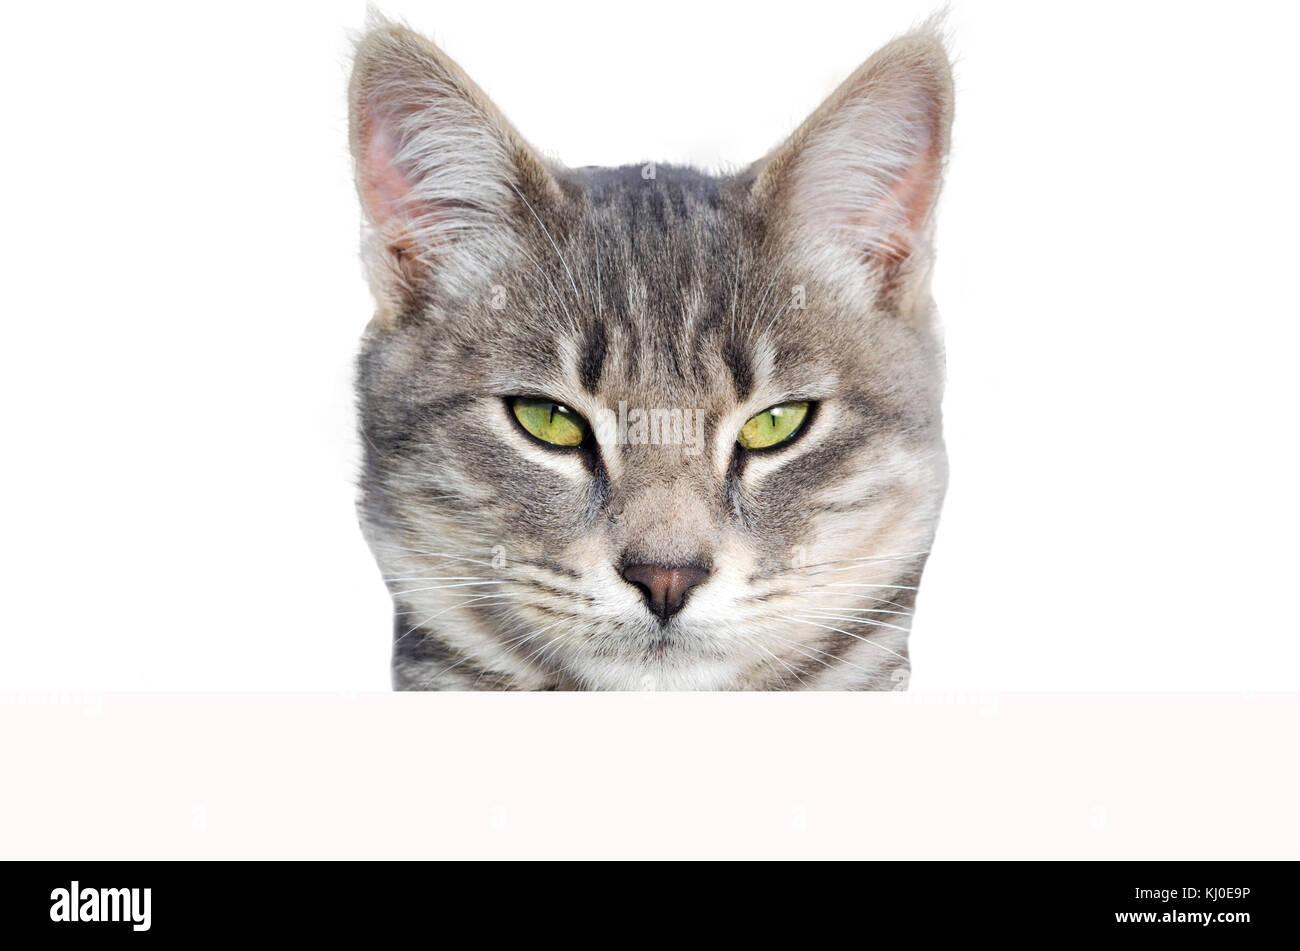 Gato mirando a la Cámara fondo blanco. Foto de stock